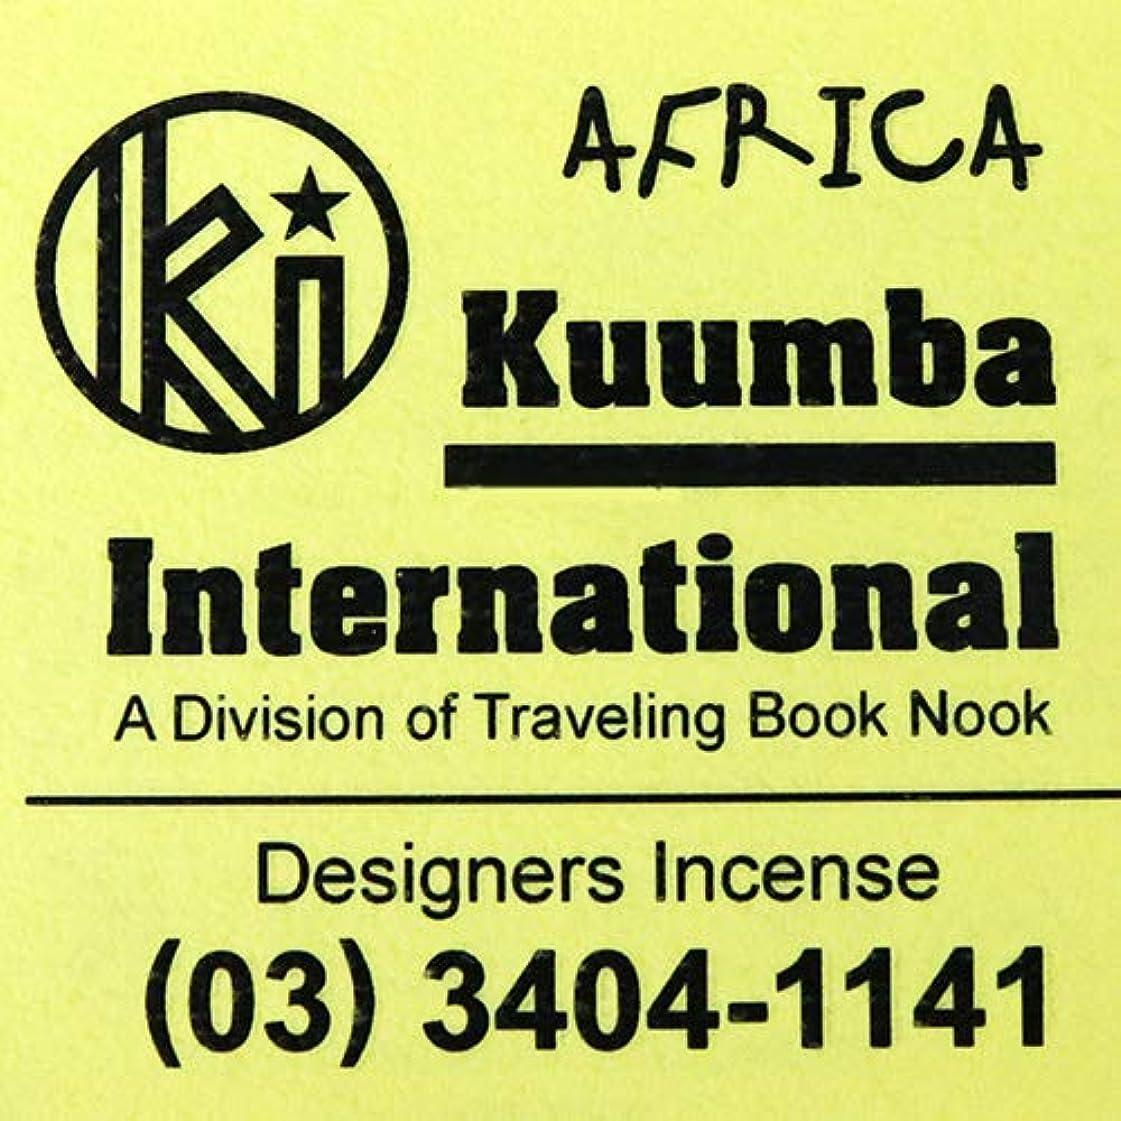 心理的にご飯ブリッジ(クンバ) KUUMBA『incense』(AFRICA) (AFRICA, Regular size)